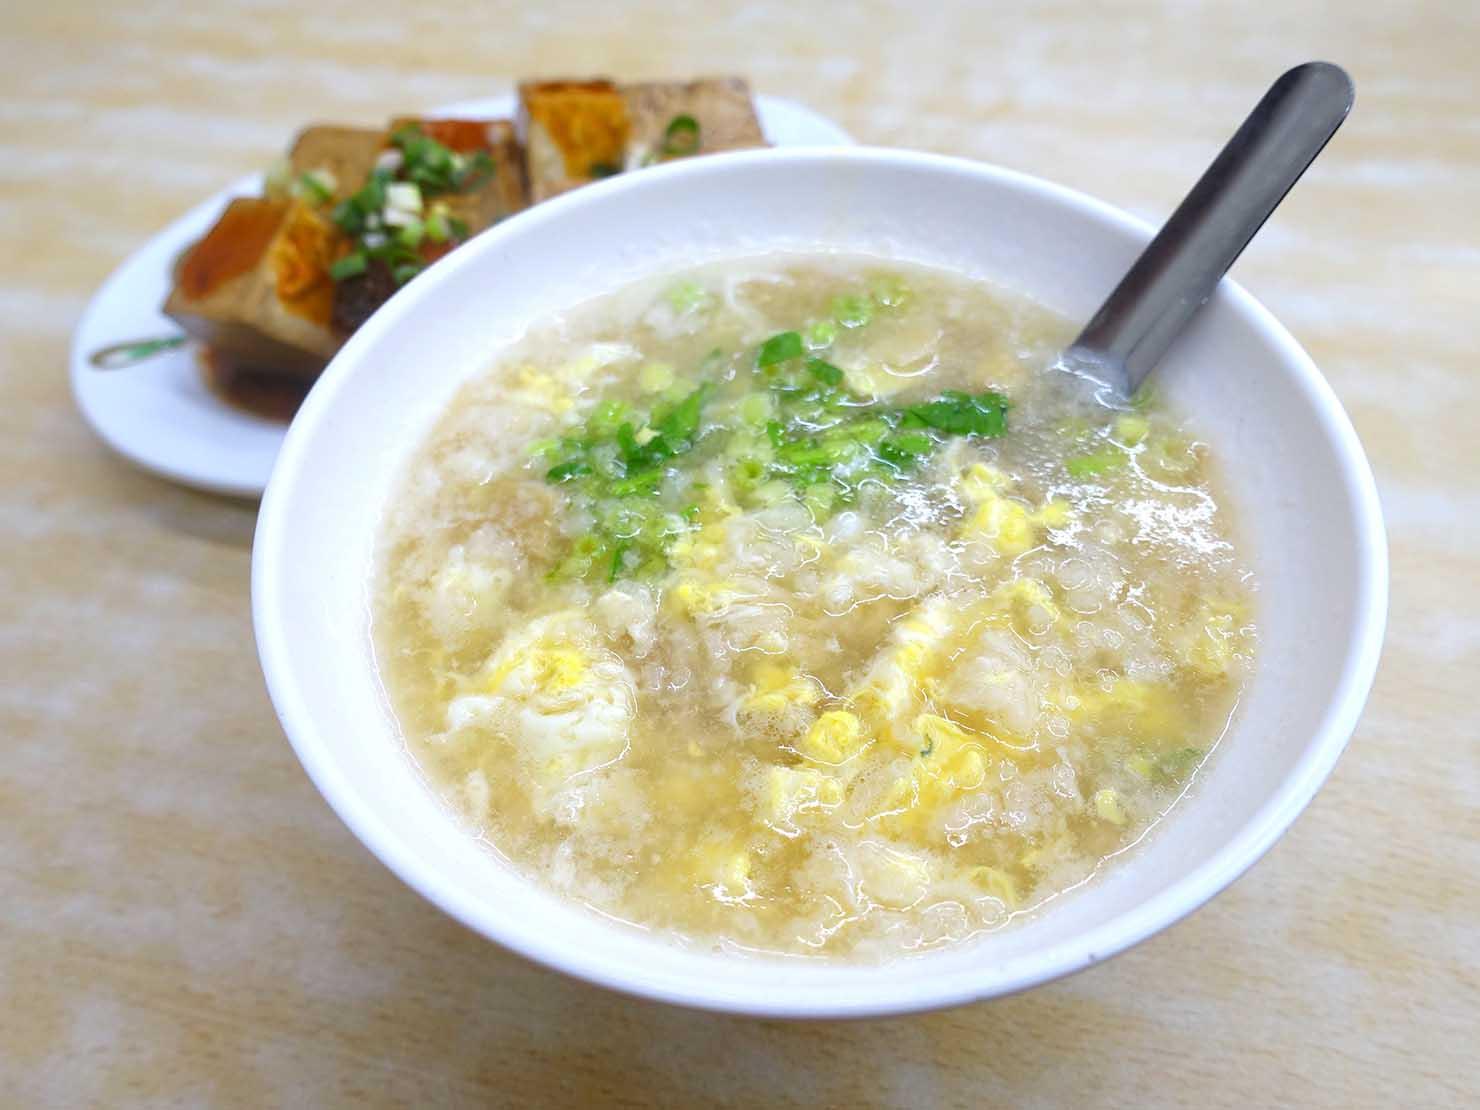 台北・西門町のおすすめグルメ店「國賓鹹粥」の鹹粥加蛋